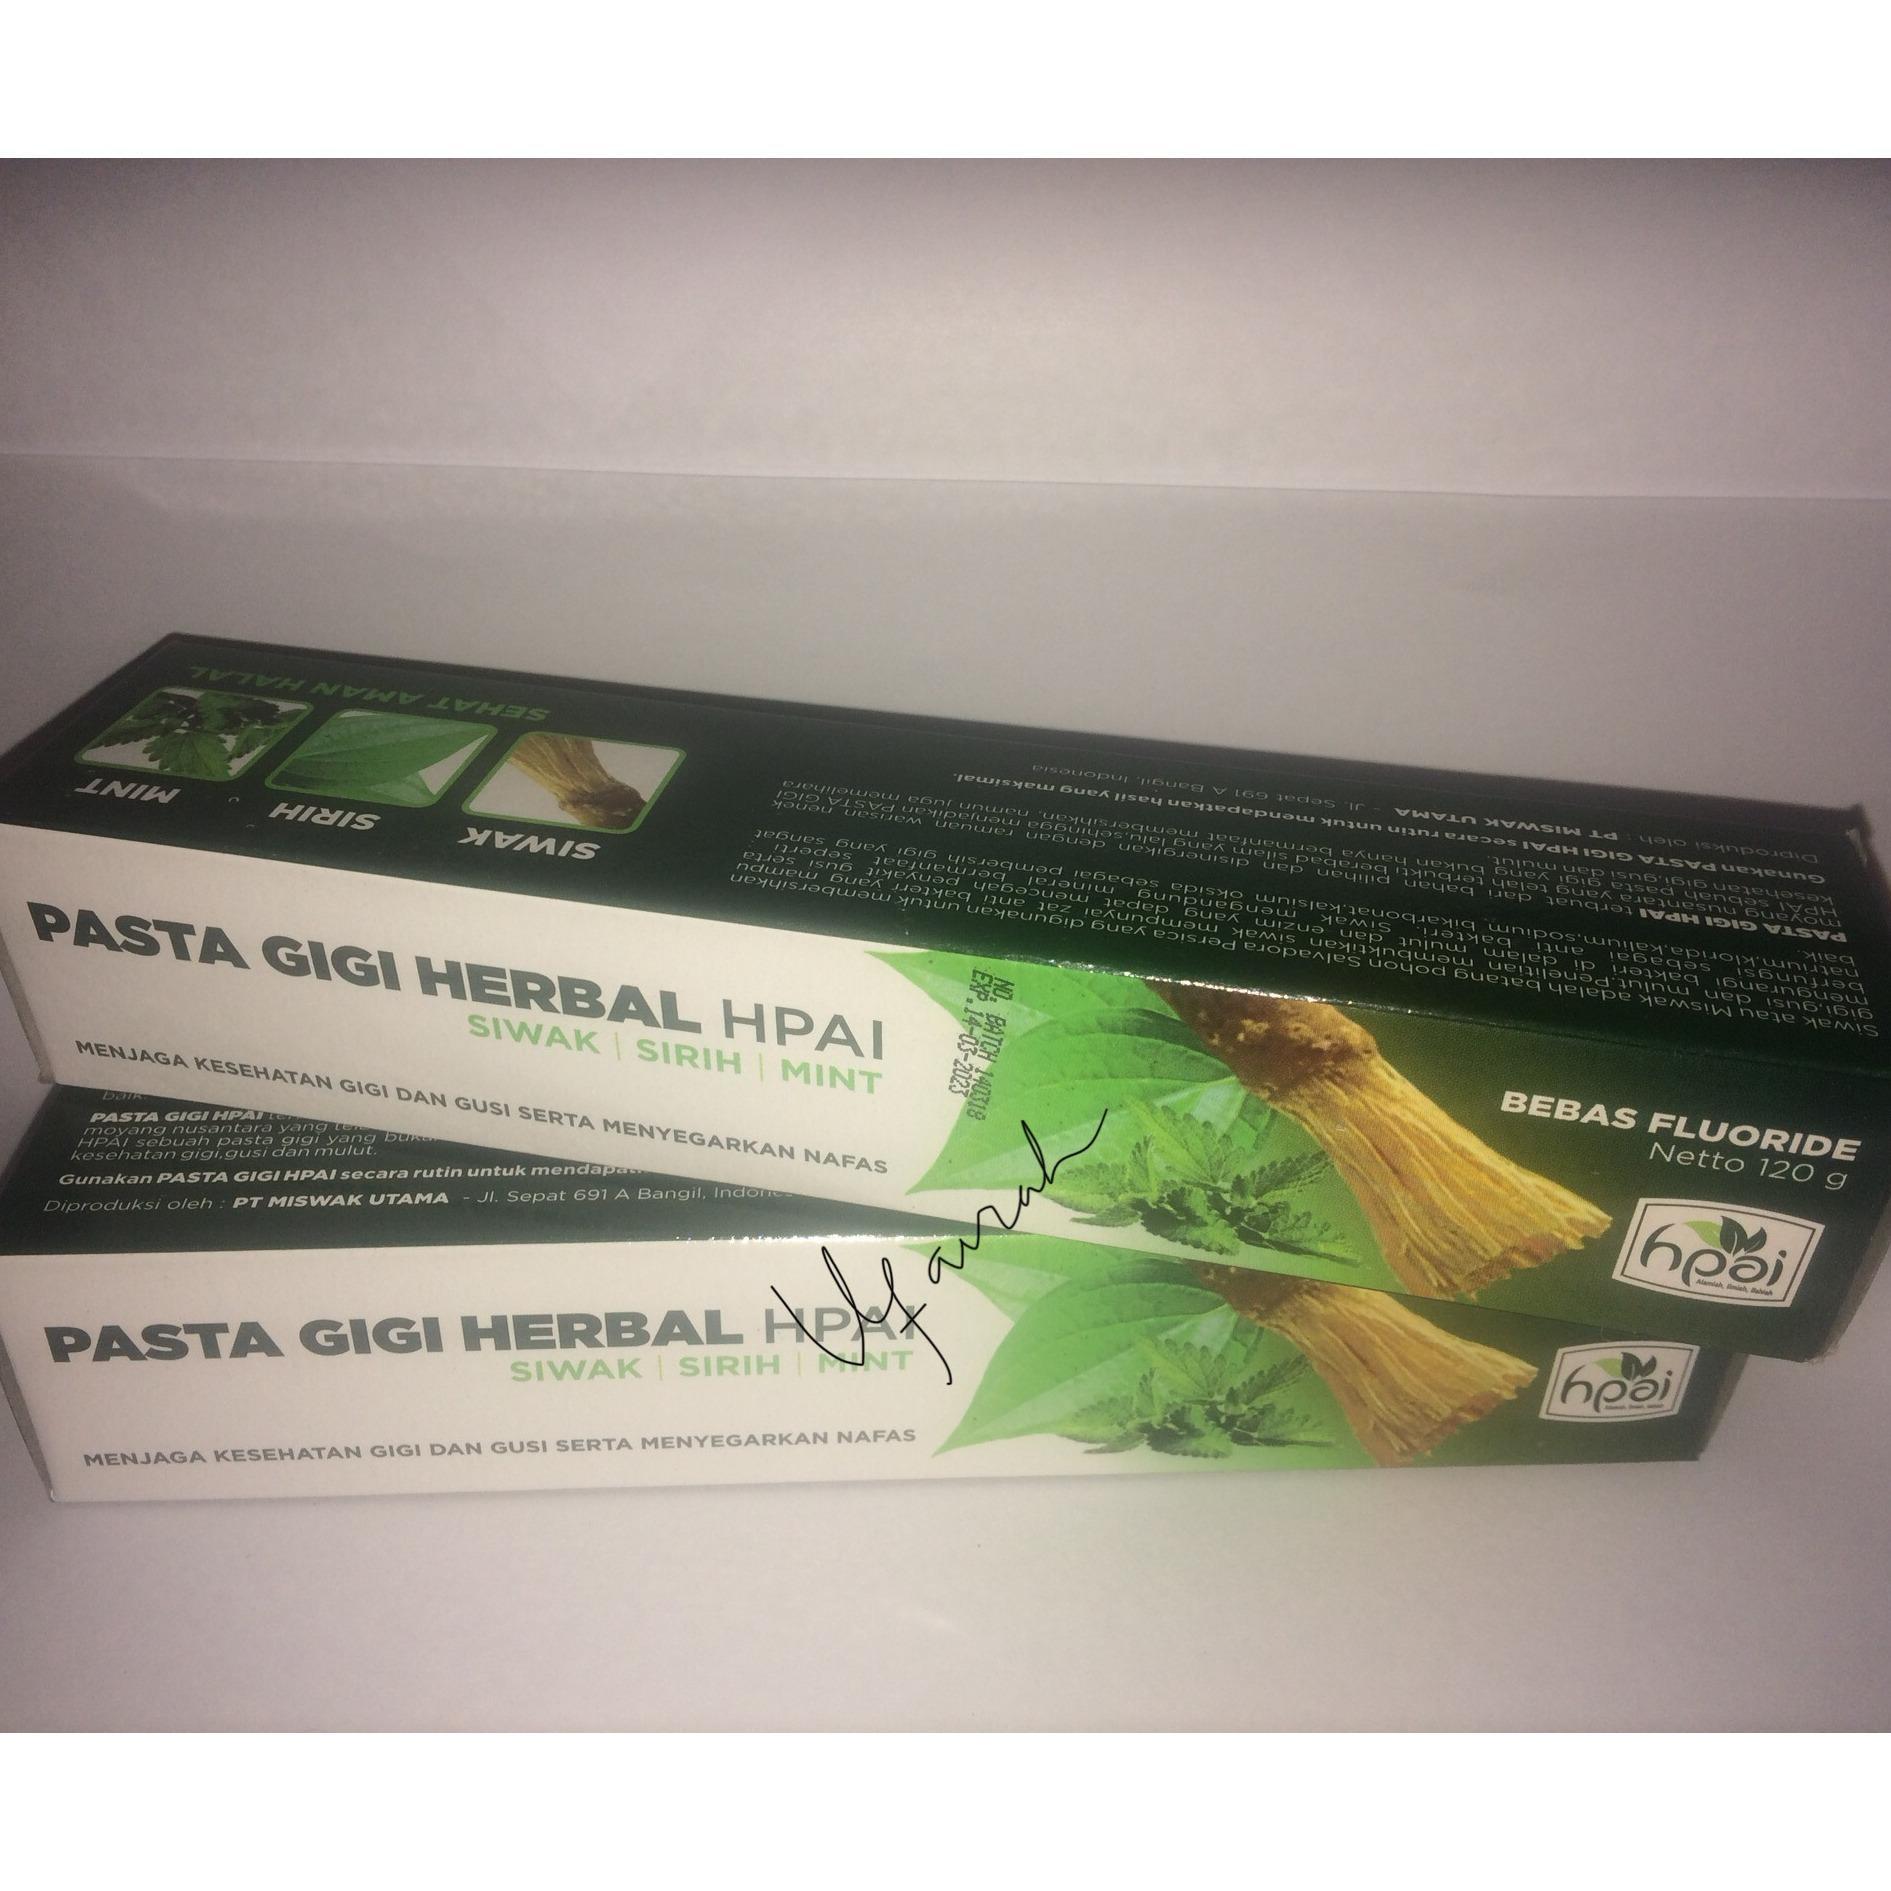 Jual Habbassauda Hpai Murah Garansi Dan Berkualitas Id Store Minyak Herba Sinergi Butbut Hpaiidr31000 Rp 32000